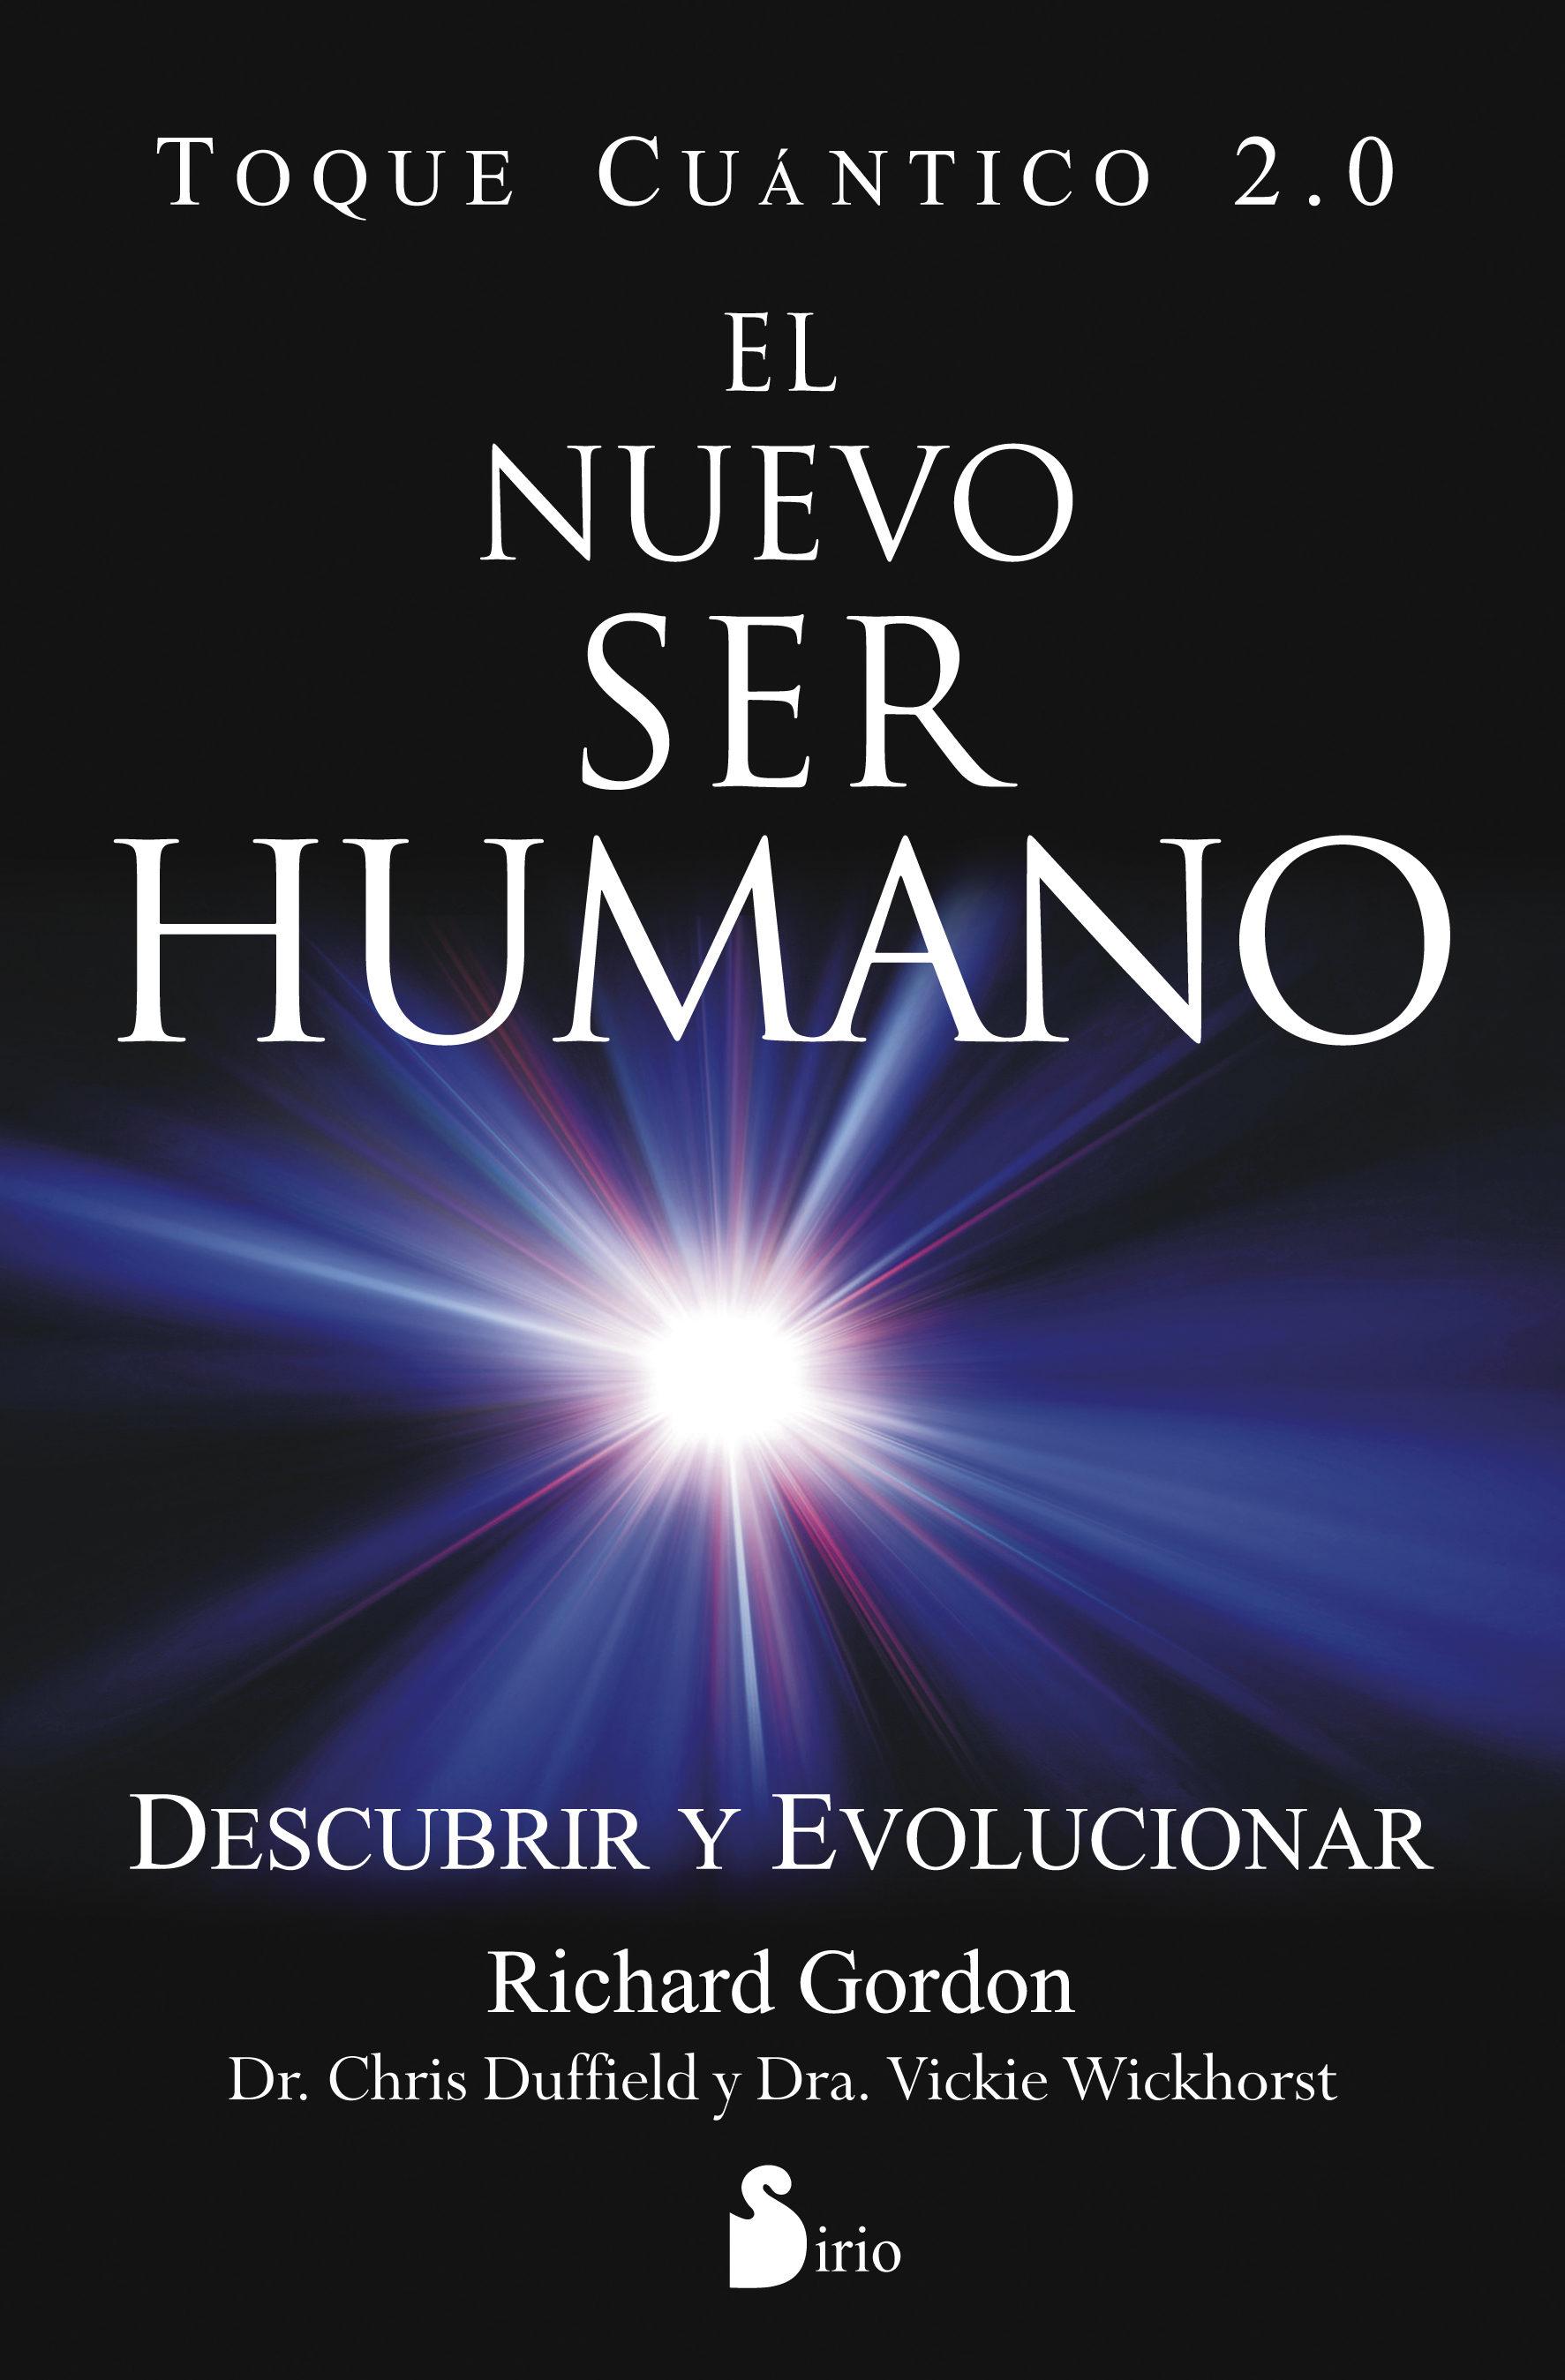 Nuevo ser Humano, el - Toque Cuantico 2. 0 -: Descubrir y Evolucionar (2014) - Richard Gordon - Sirio